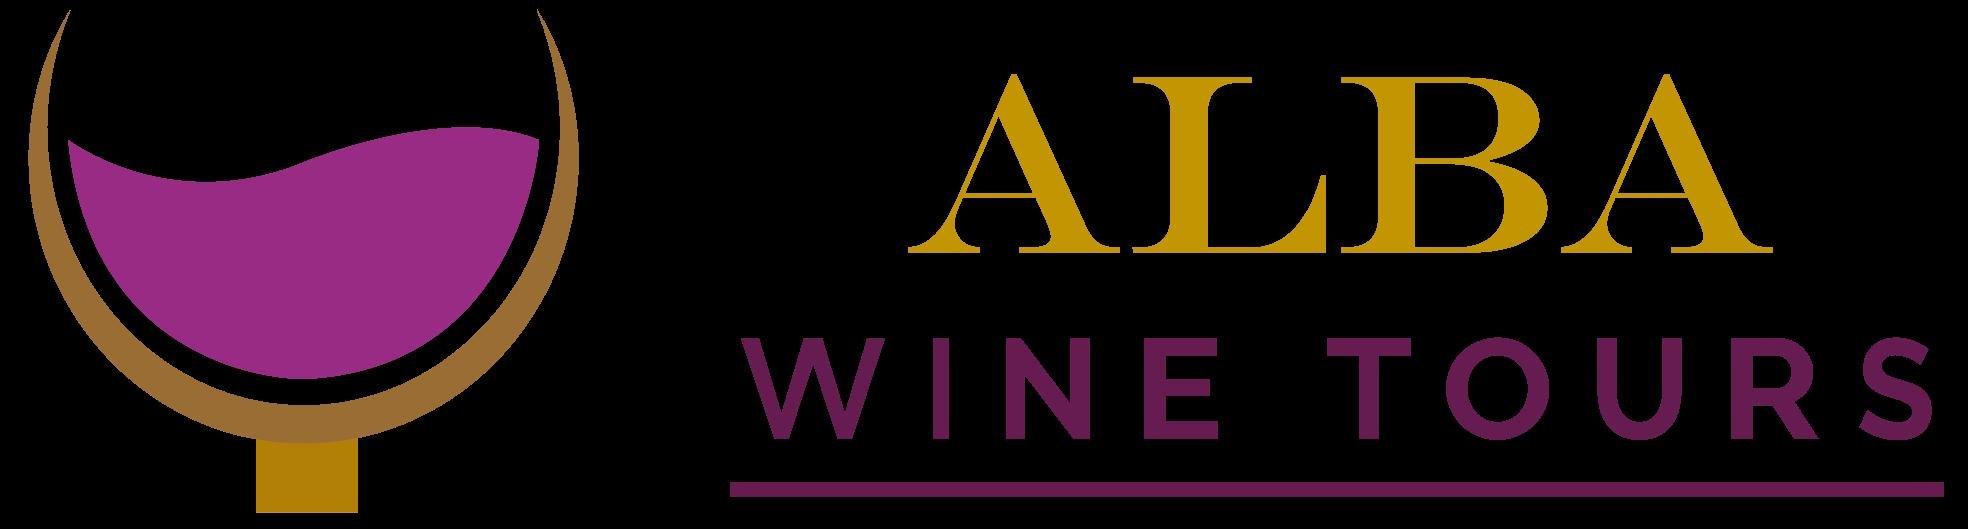 Alba Wine Tours - Food and Wine Tasting